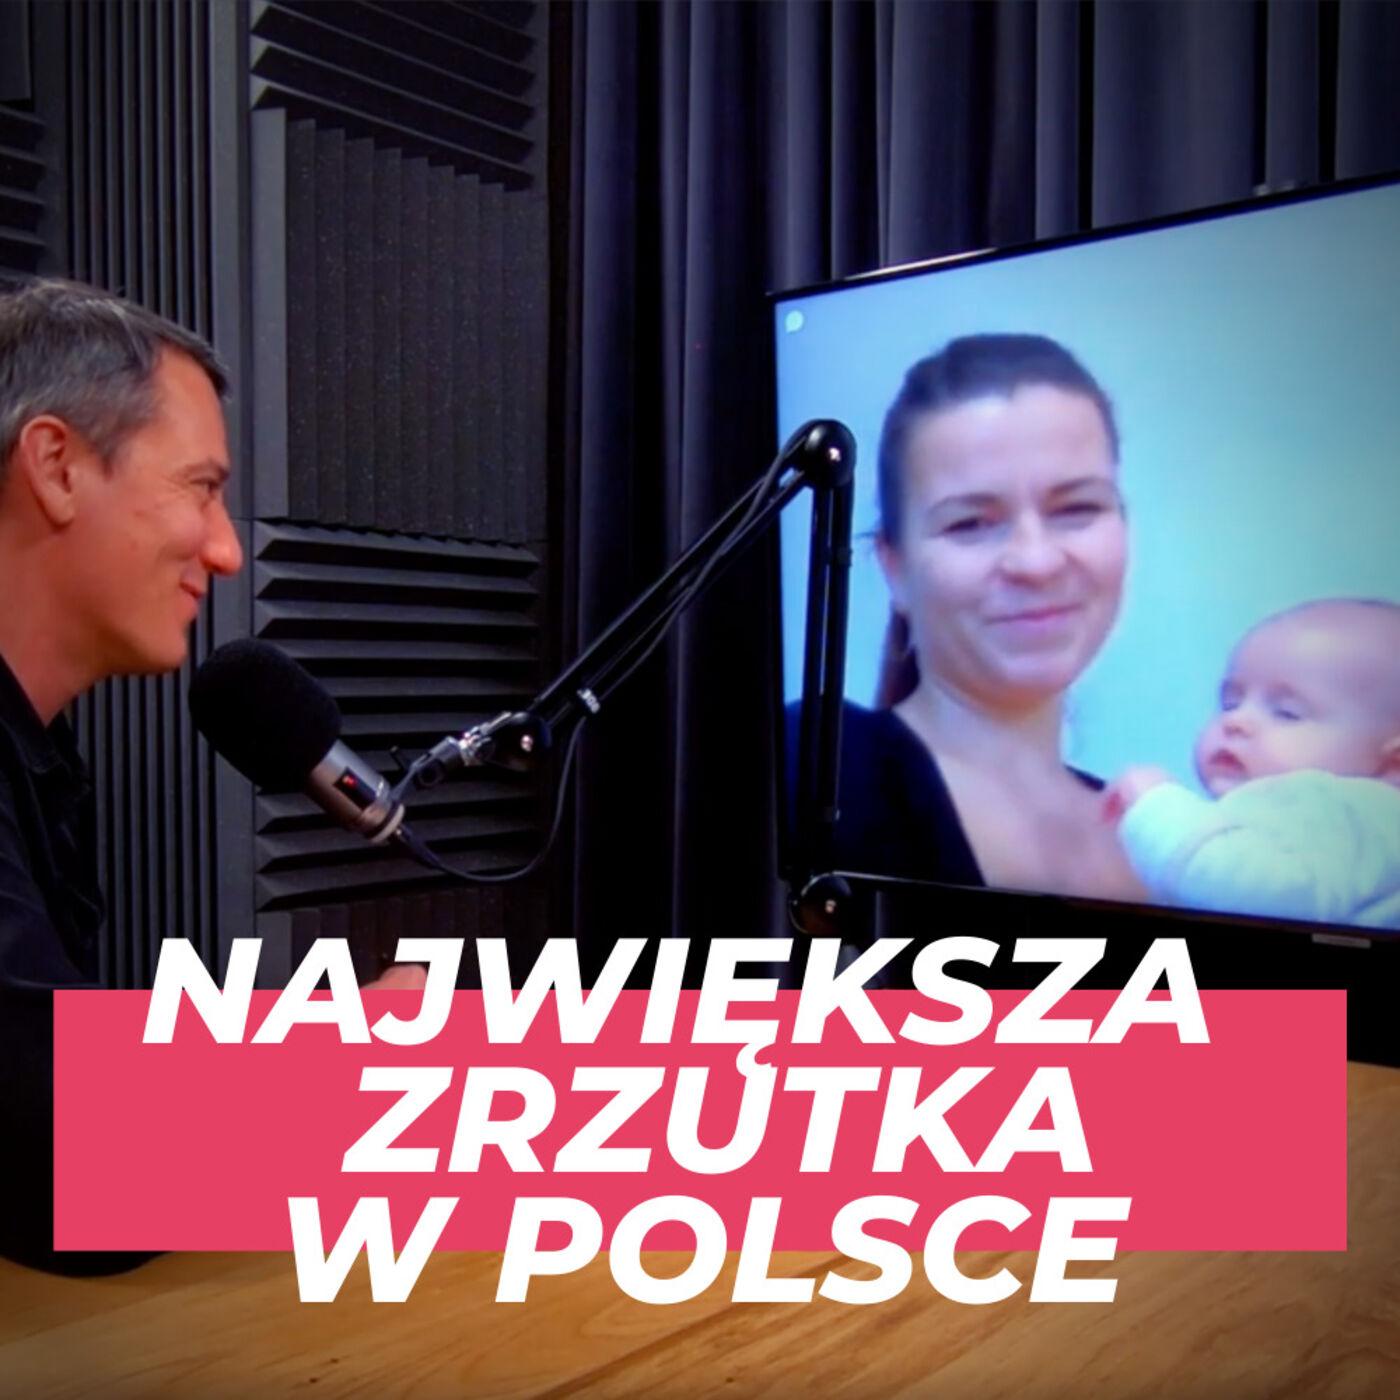 Największa zrzutka w Polsce #SerceJulki #001